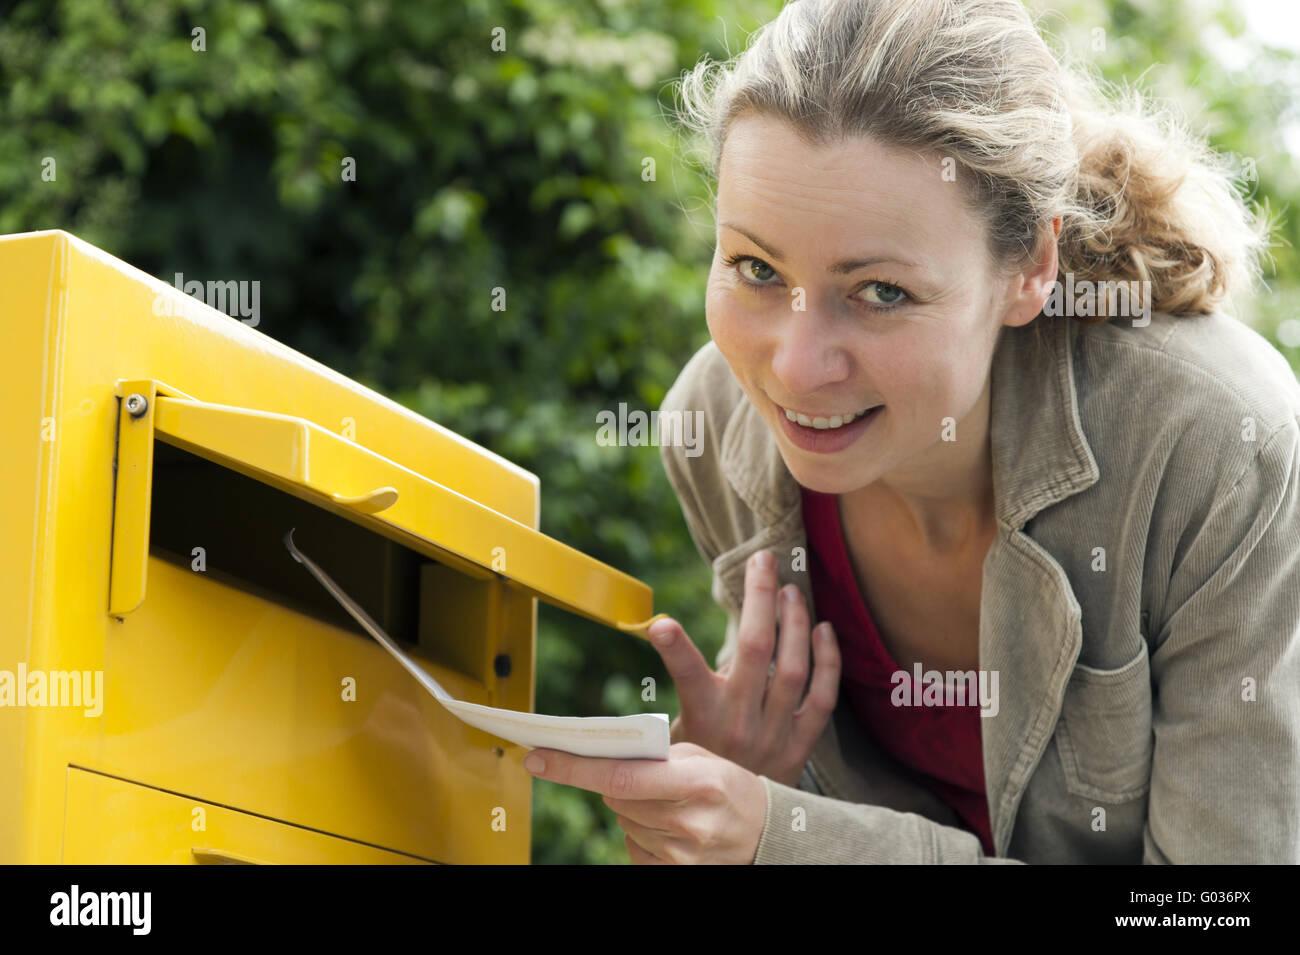 Junge Frau einen Brief in den Briefkasten werfen Stockbild